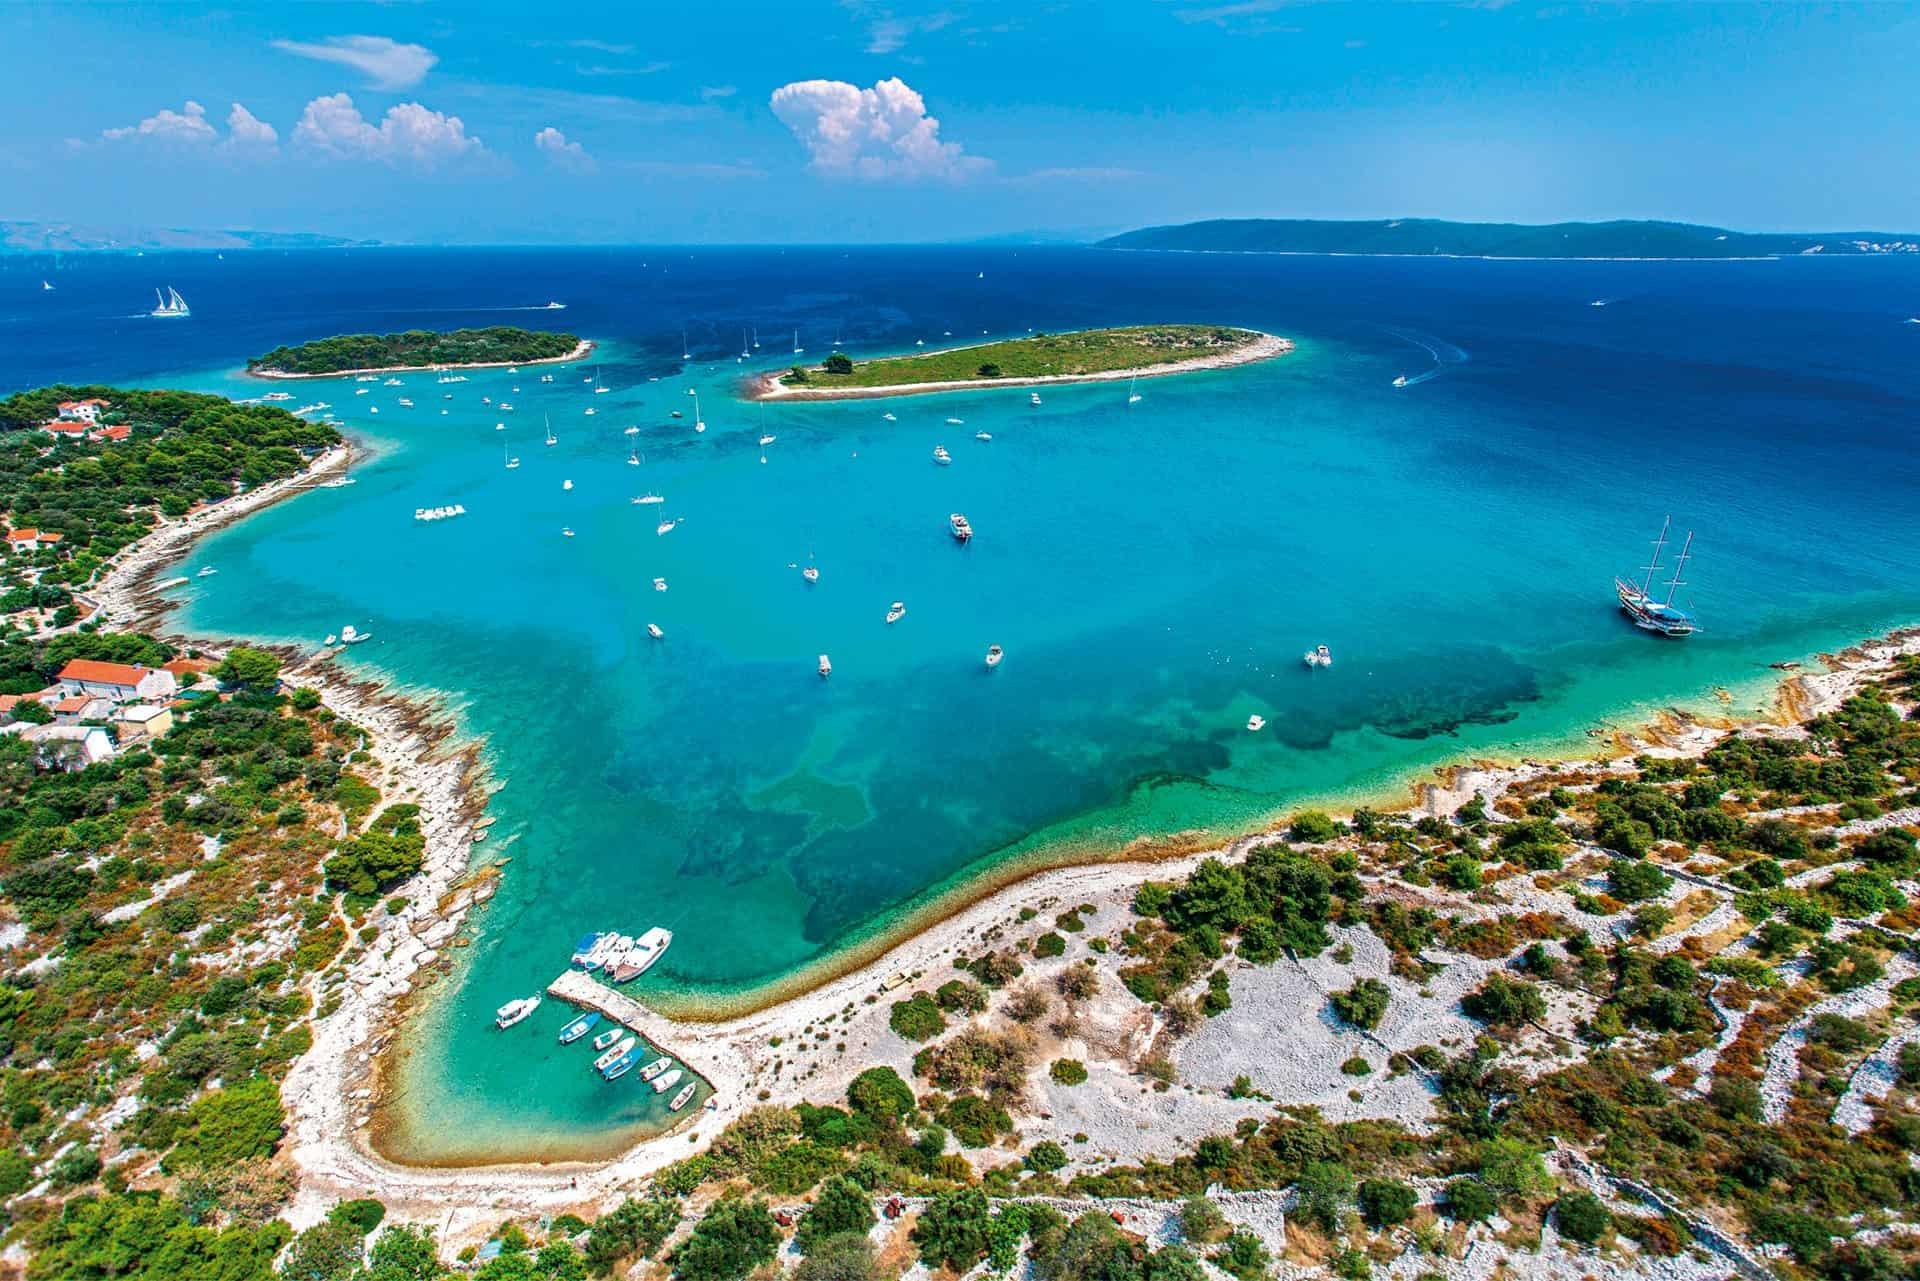 Krknjasi Blue Lagoon best boat trip from Split